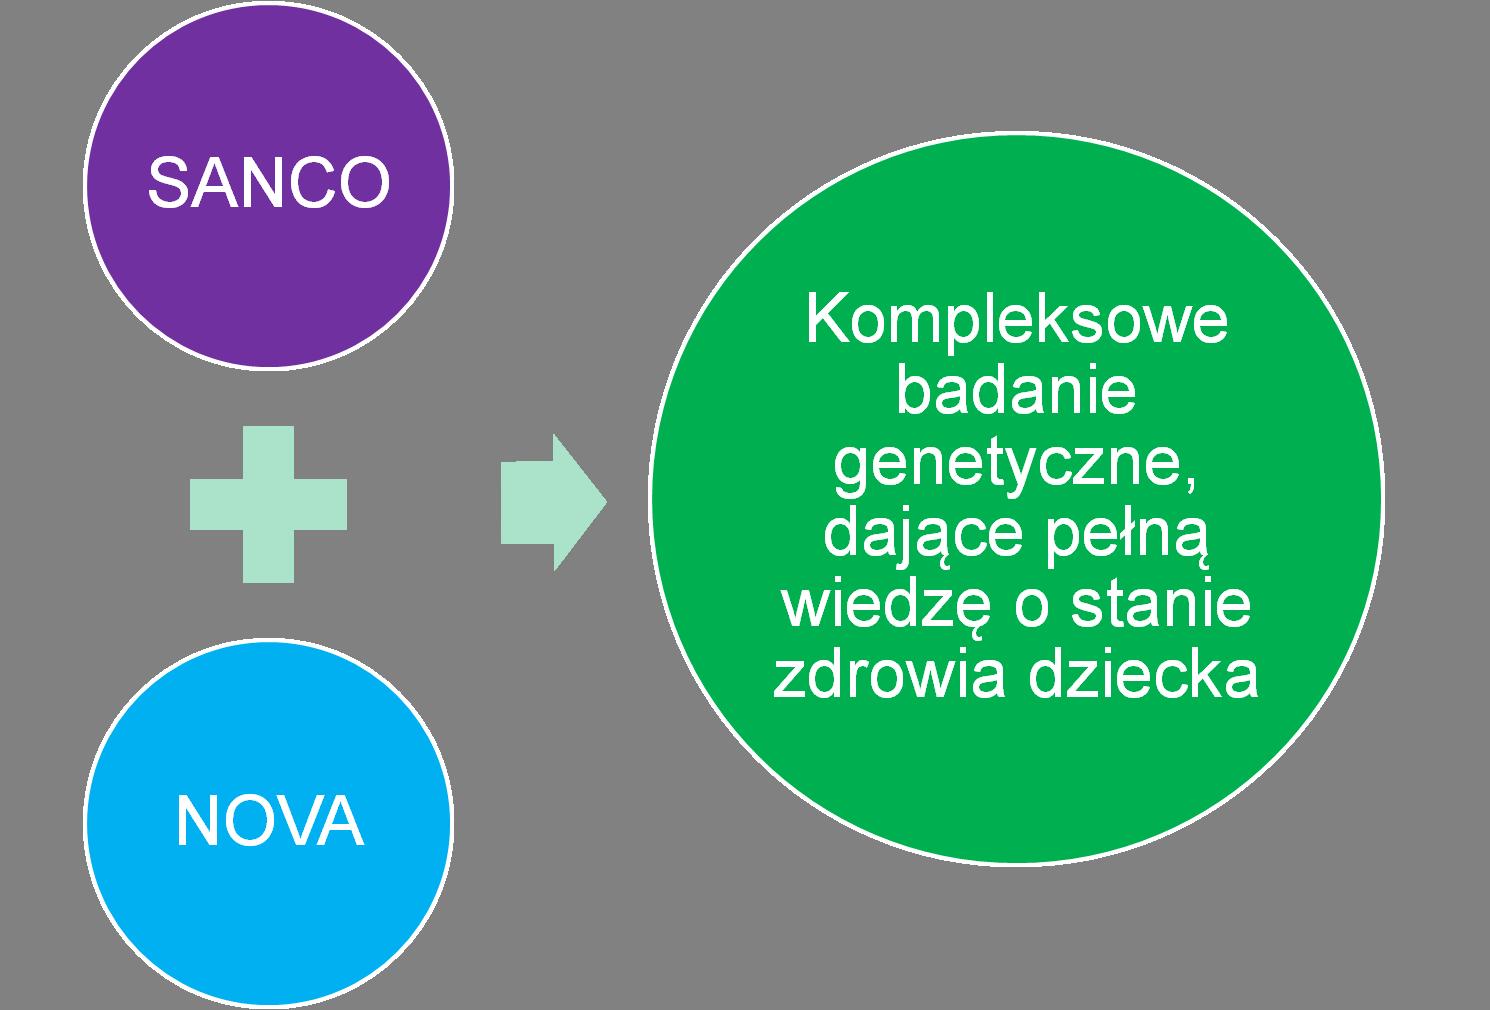 SANCO + NOVA - kompleksowe badanie genetyczne